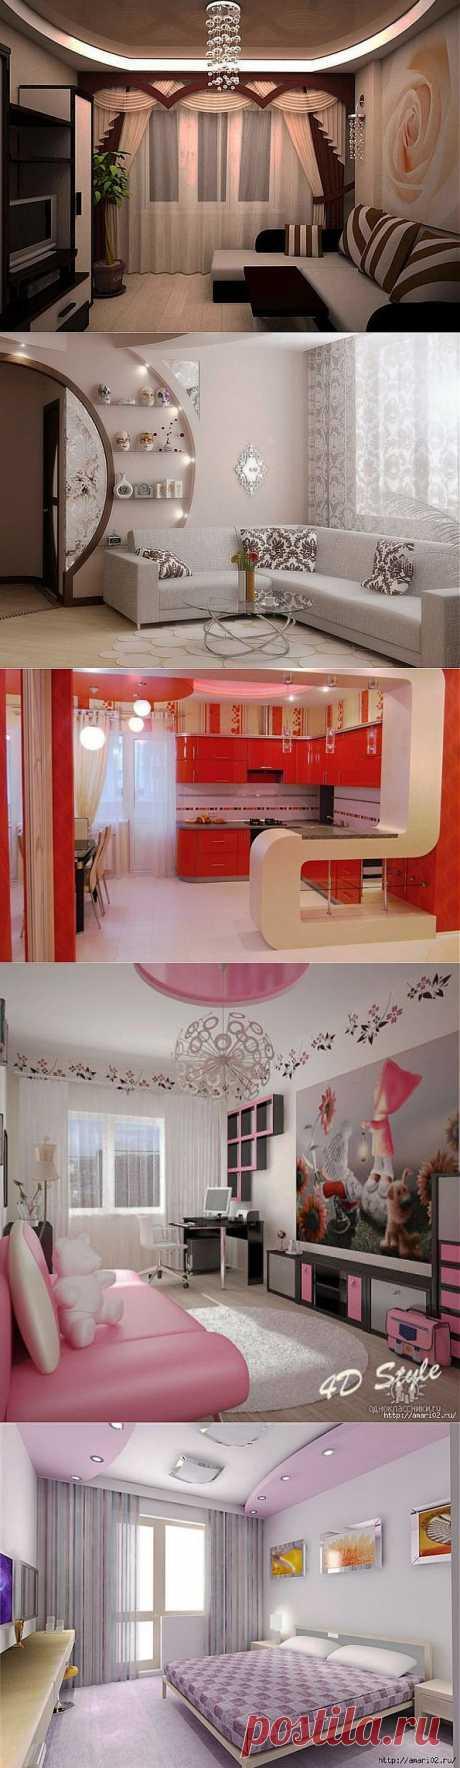 Новые идеи дизайна квартир с мебелью с услугами от КаргоЭкспертСистем..